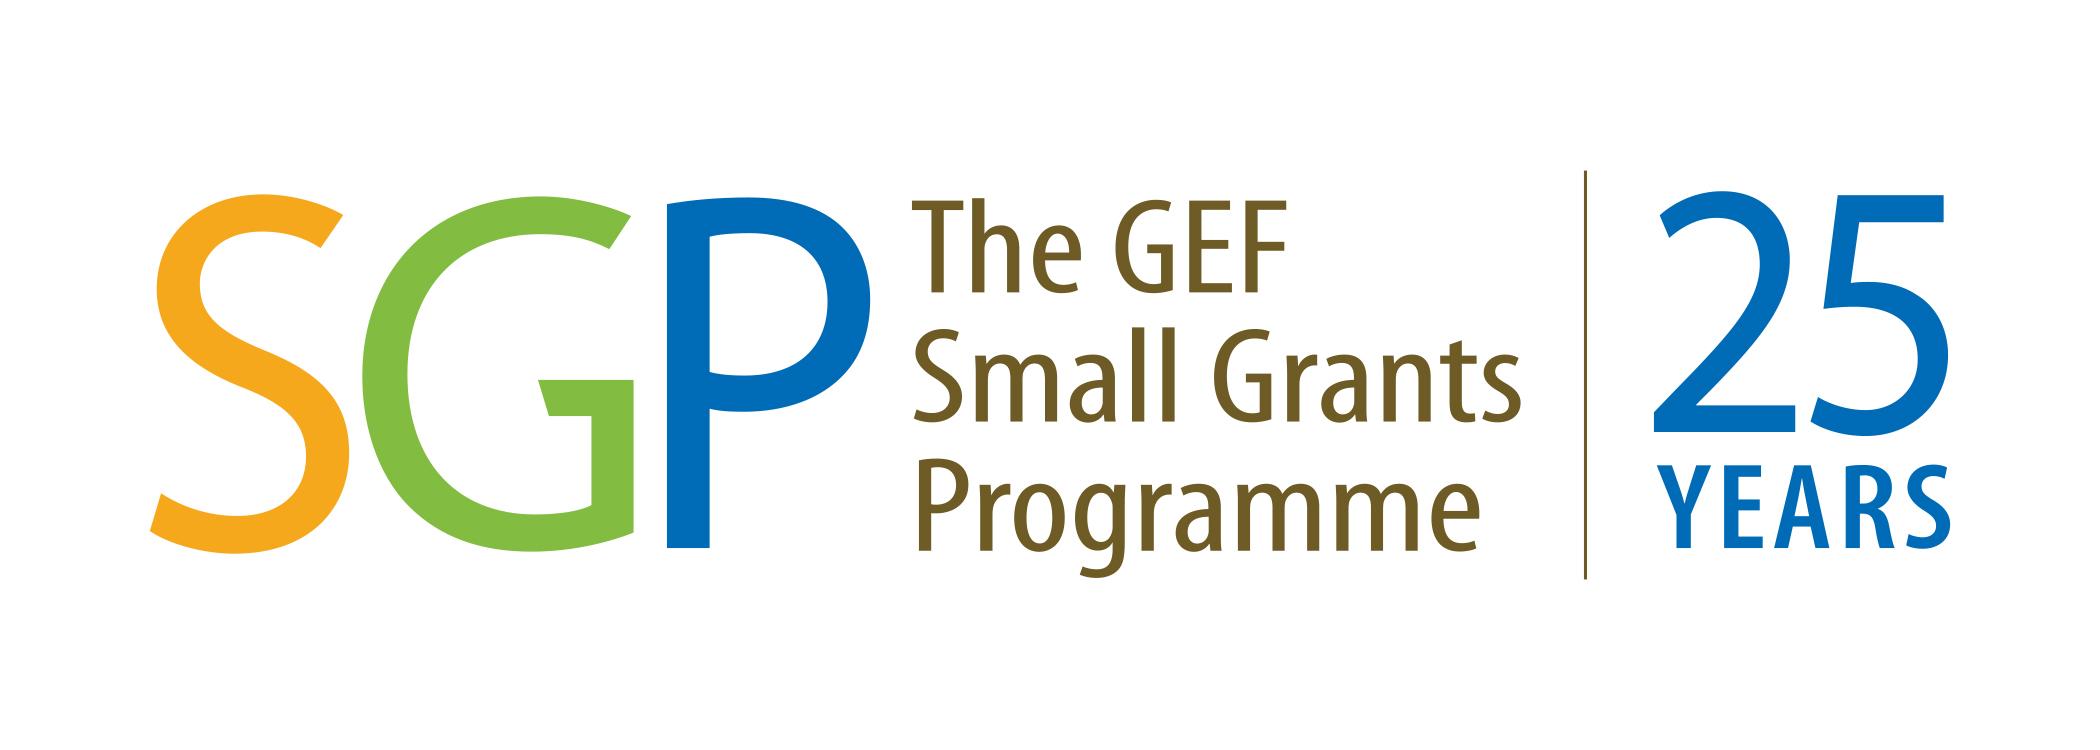 Apel de proiecte – Programul de Granturi Mici (SGP) al Facilităţii Globale de Mediu (GEF)